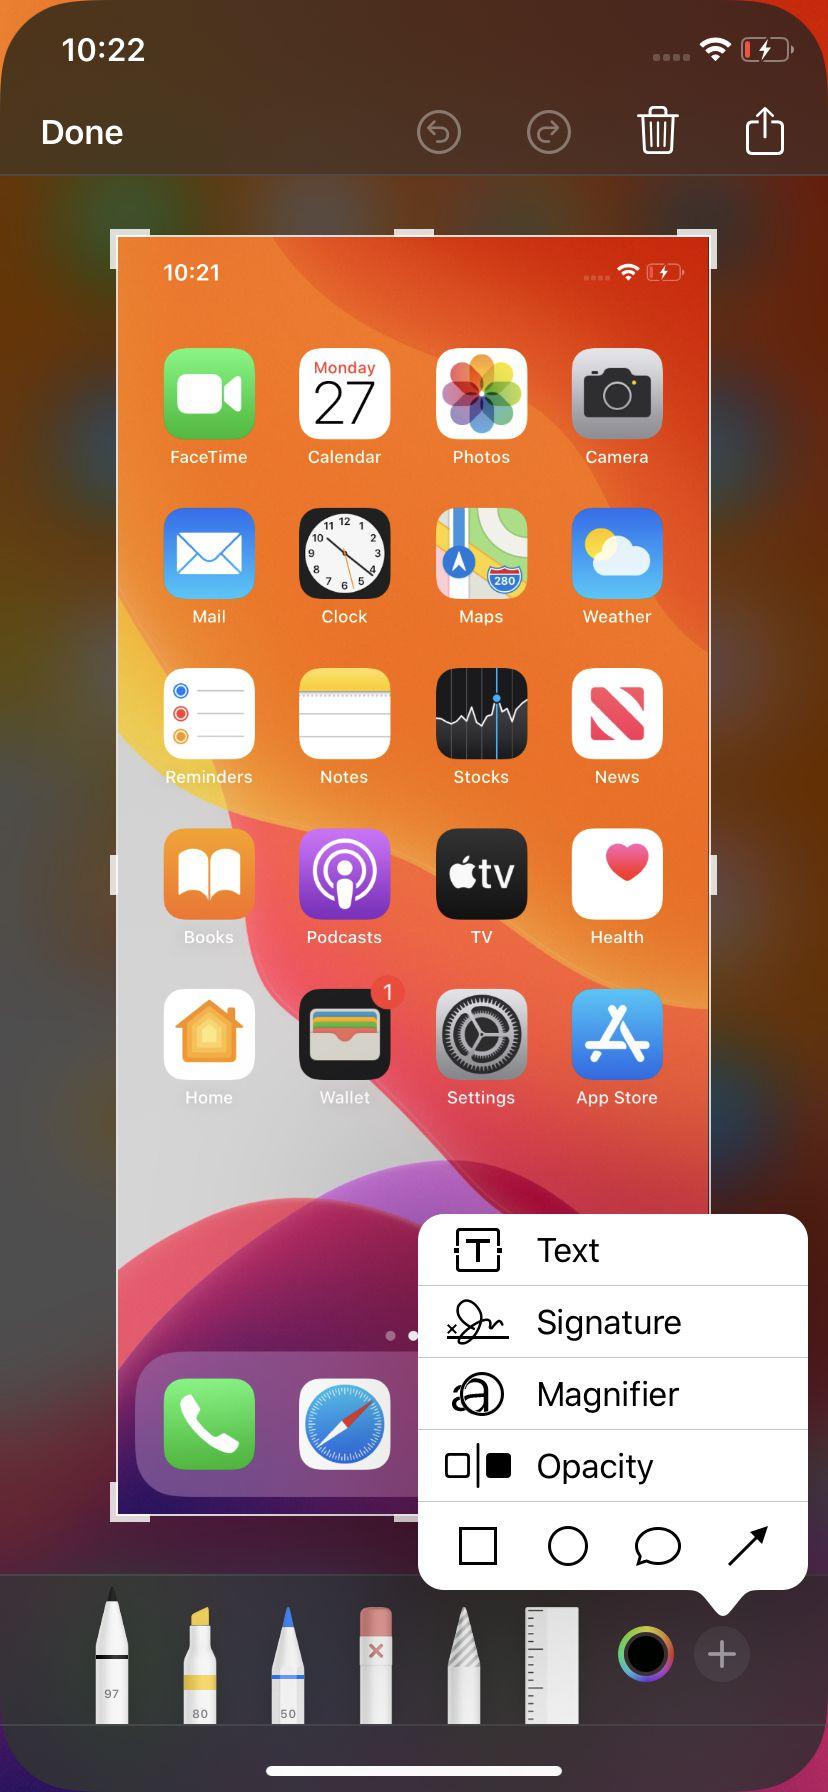 Après avoir pris une capture d'écran sur votre iPhone, vous pouvez la modifier.